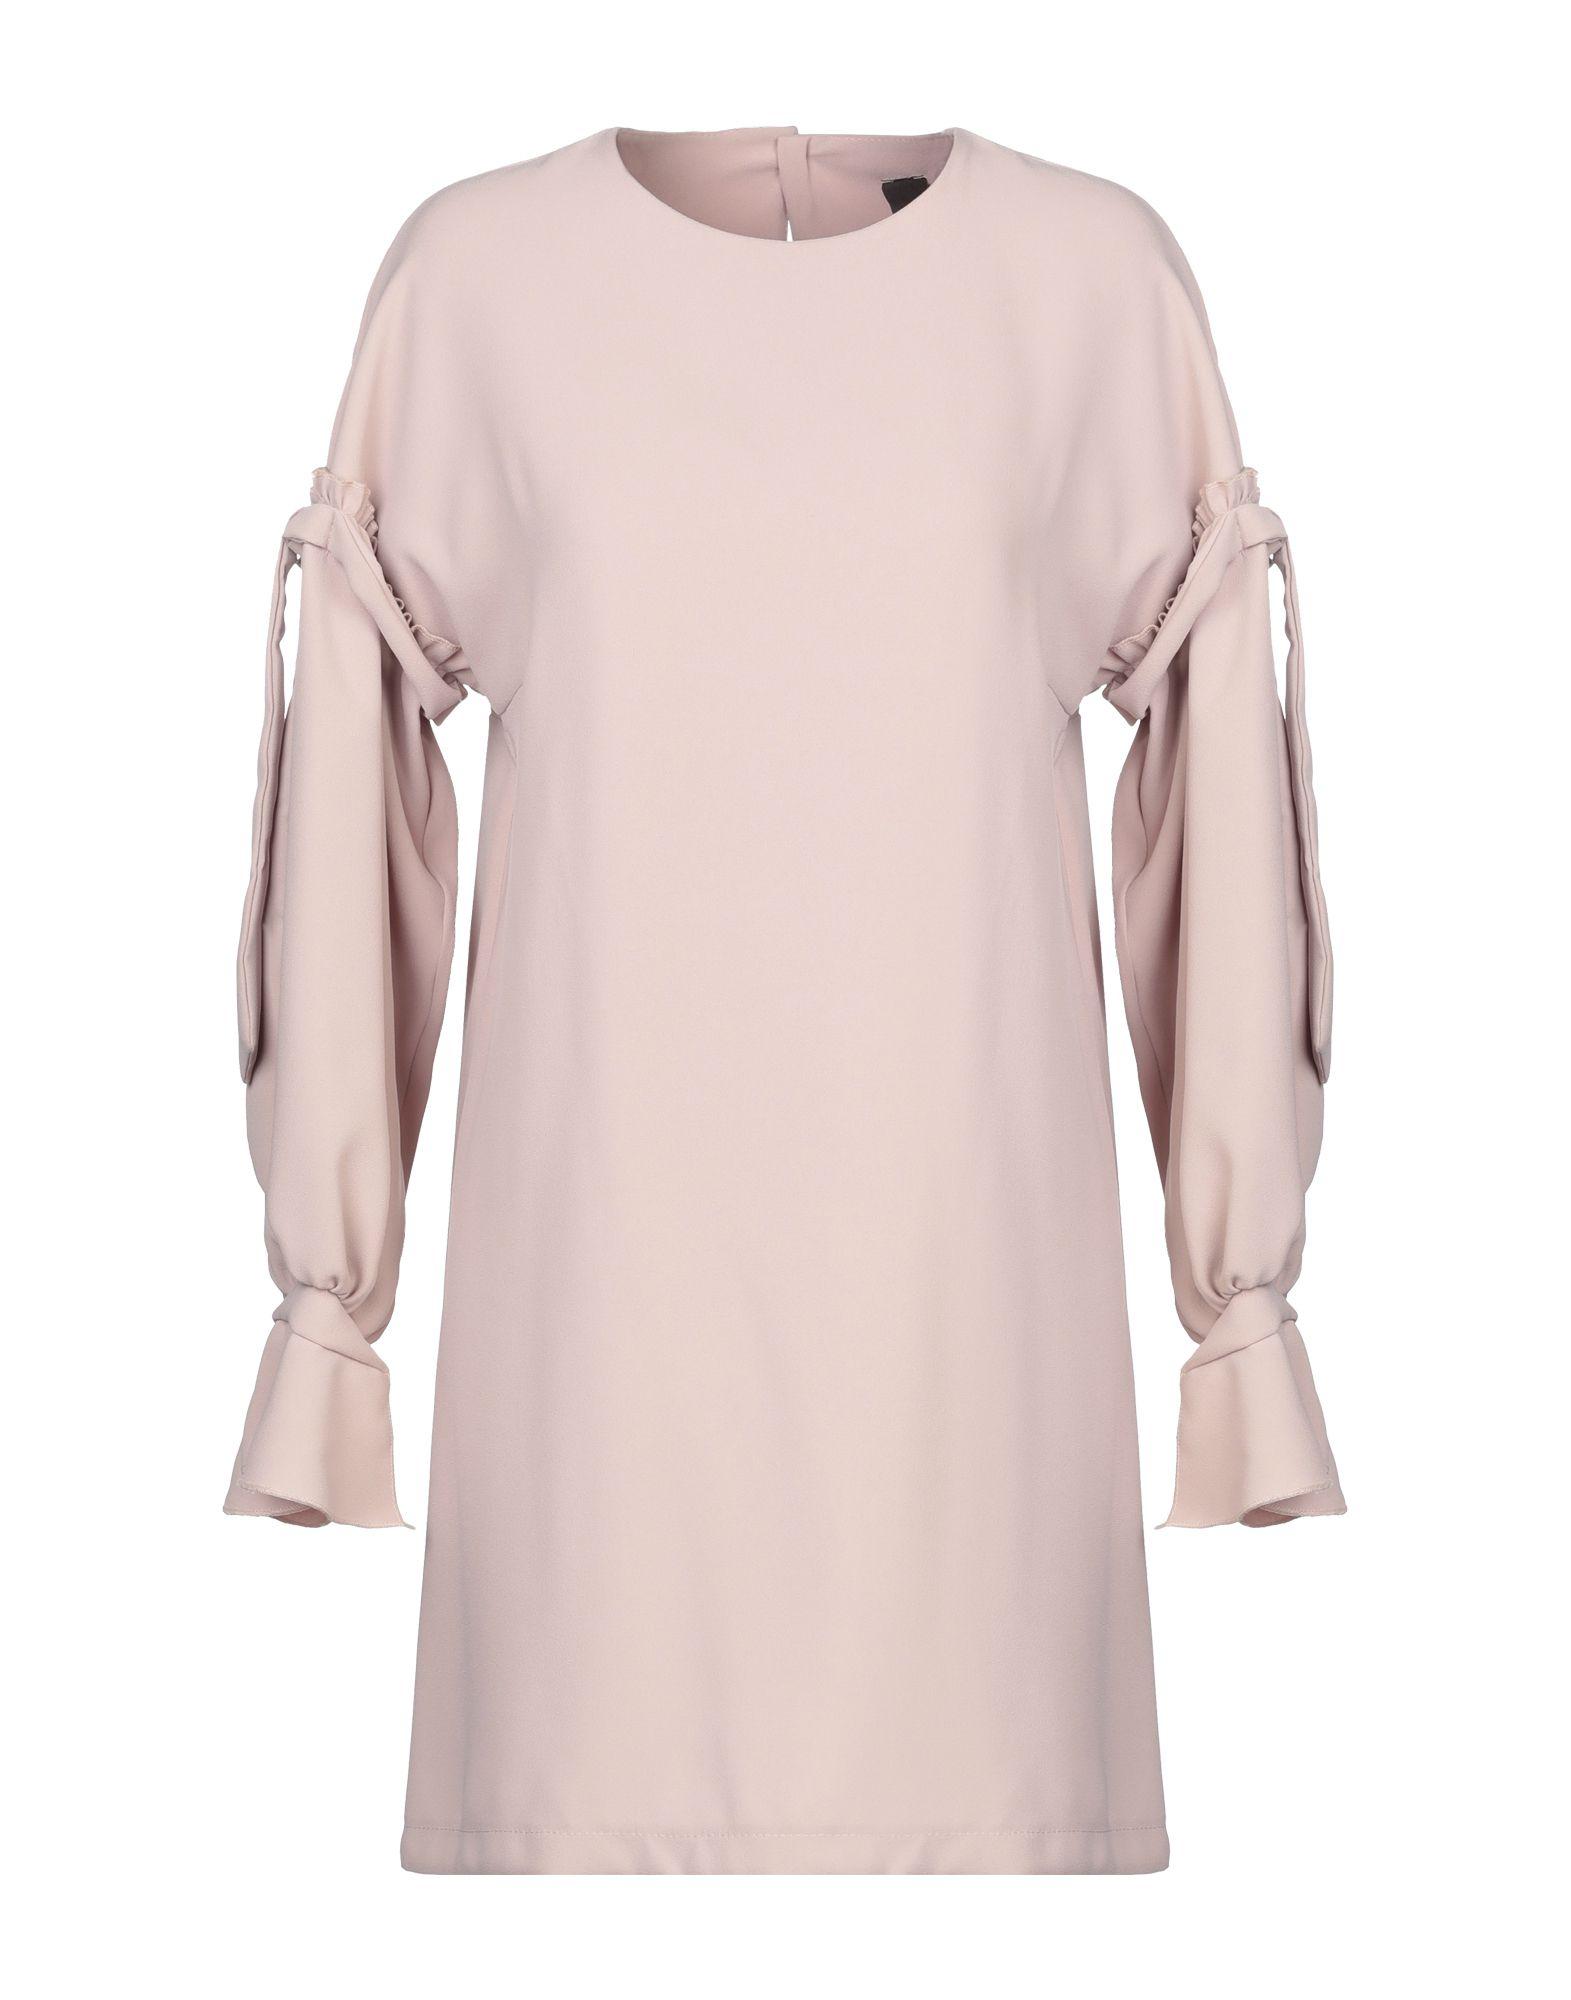 Фото - REVISE Короткое платье revise футболка